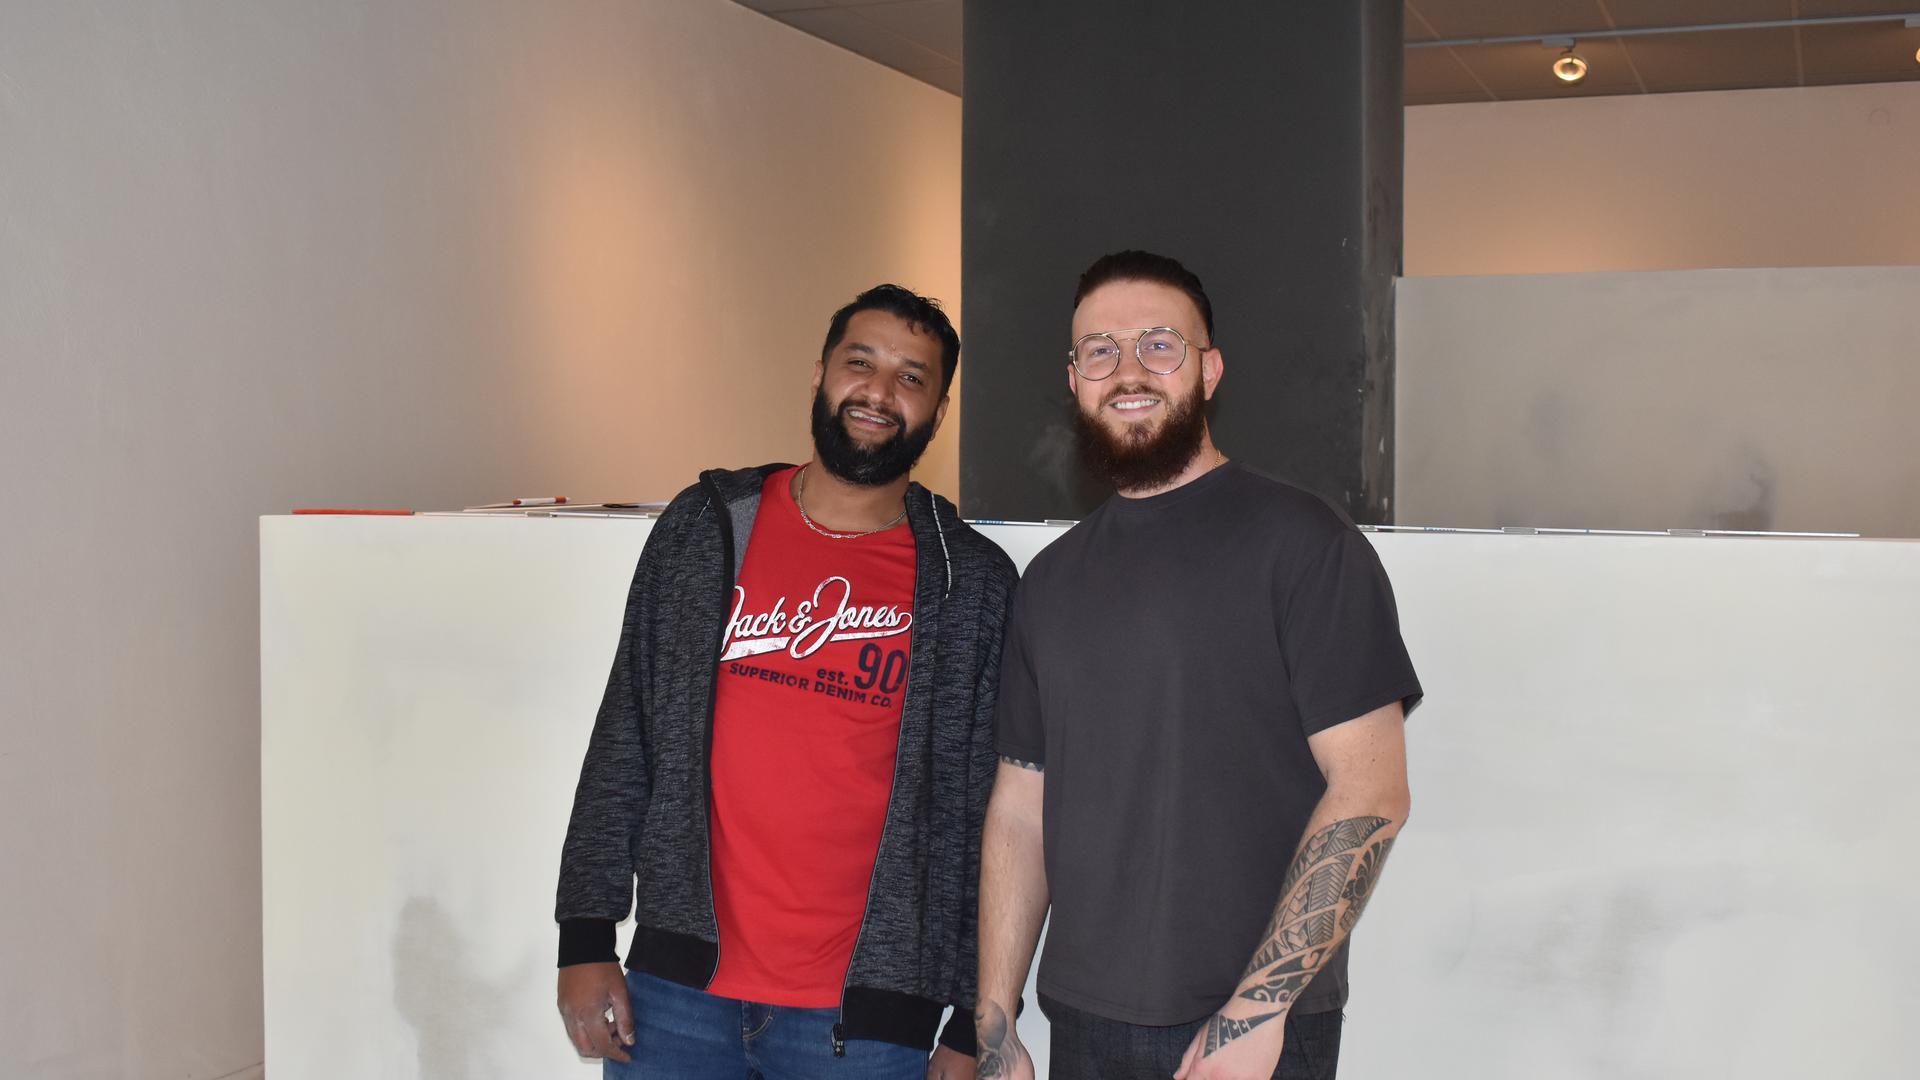 Bereiten gemeinsam den Start der Bruchsaler Sushi-Bar in der Friedrichstraße vor: (v.l.) Belal Ismail, Geschäftsführer und Franchise-Nehmer und Dennis Majchrzak, gründer und Geschäftsführer der Kette On-Sushi.